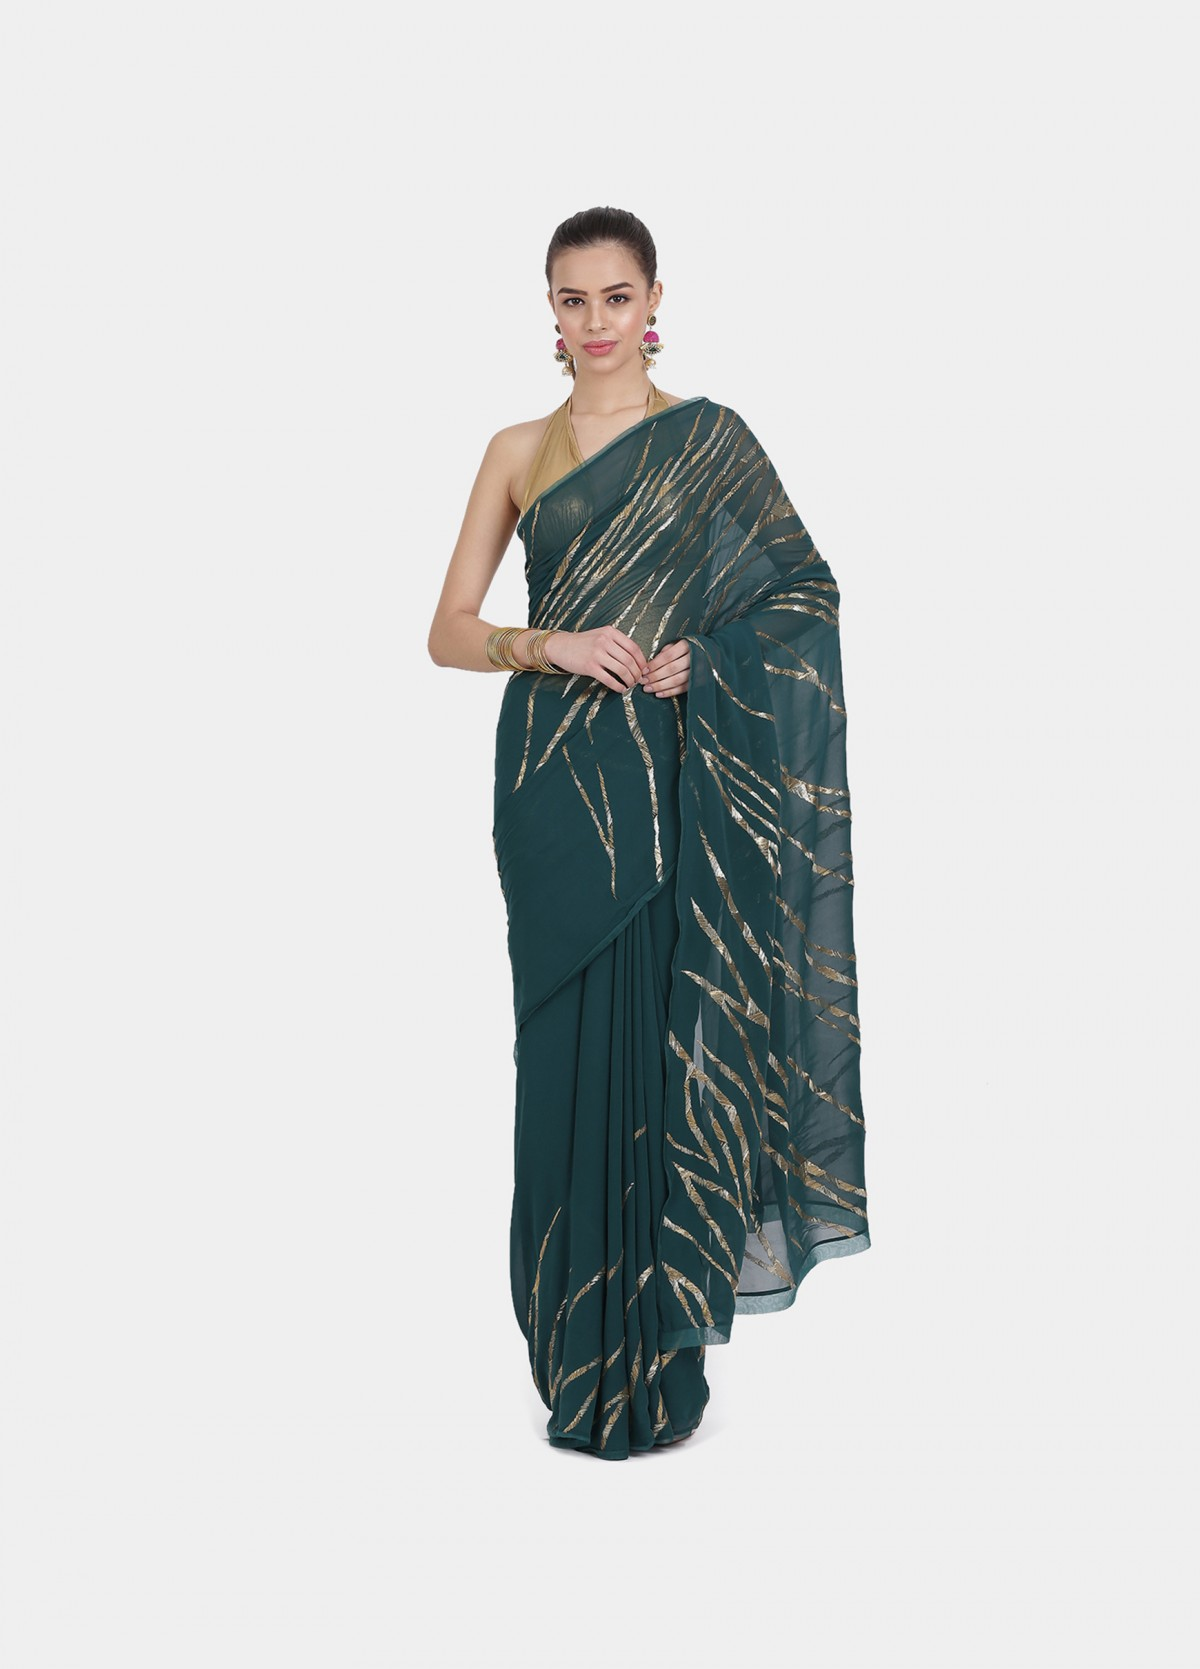 The Kenya Sari